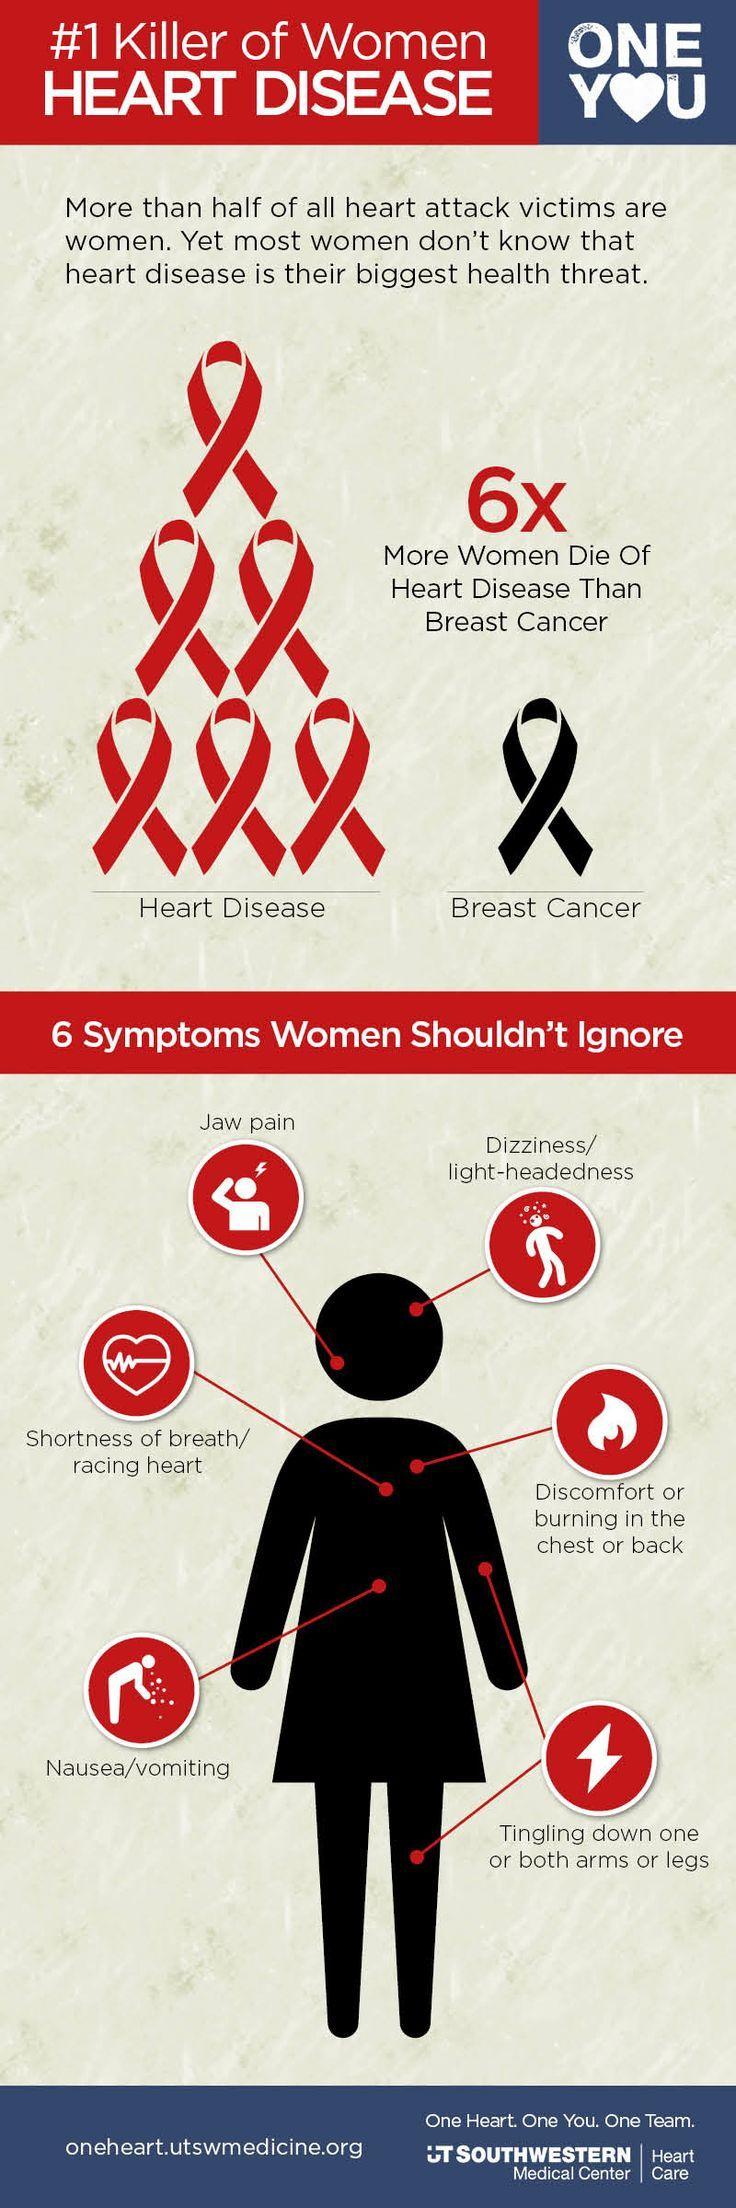 Symptoms of Heart Disease in Women  http://oneheart.utswmedicine.org/symptoms-heart-disease-women/